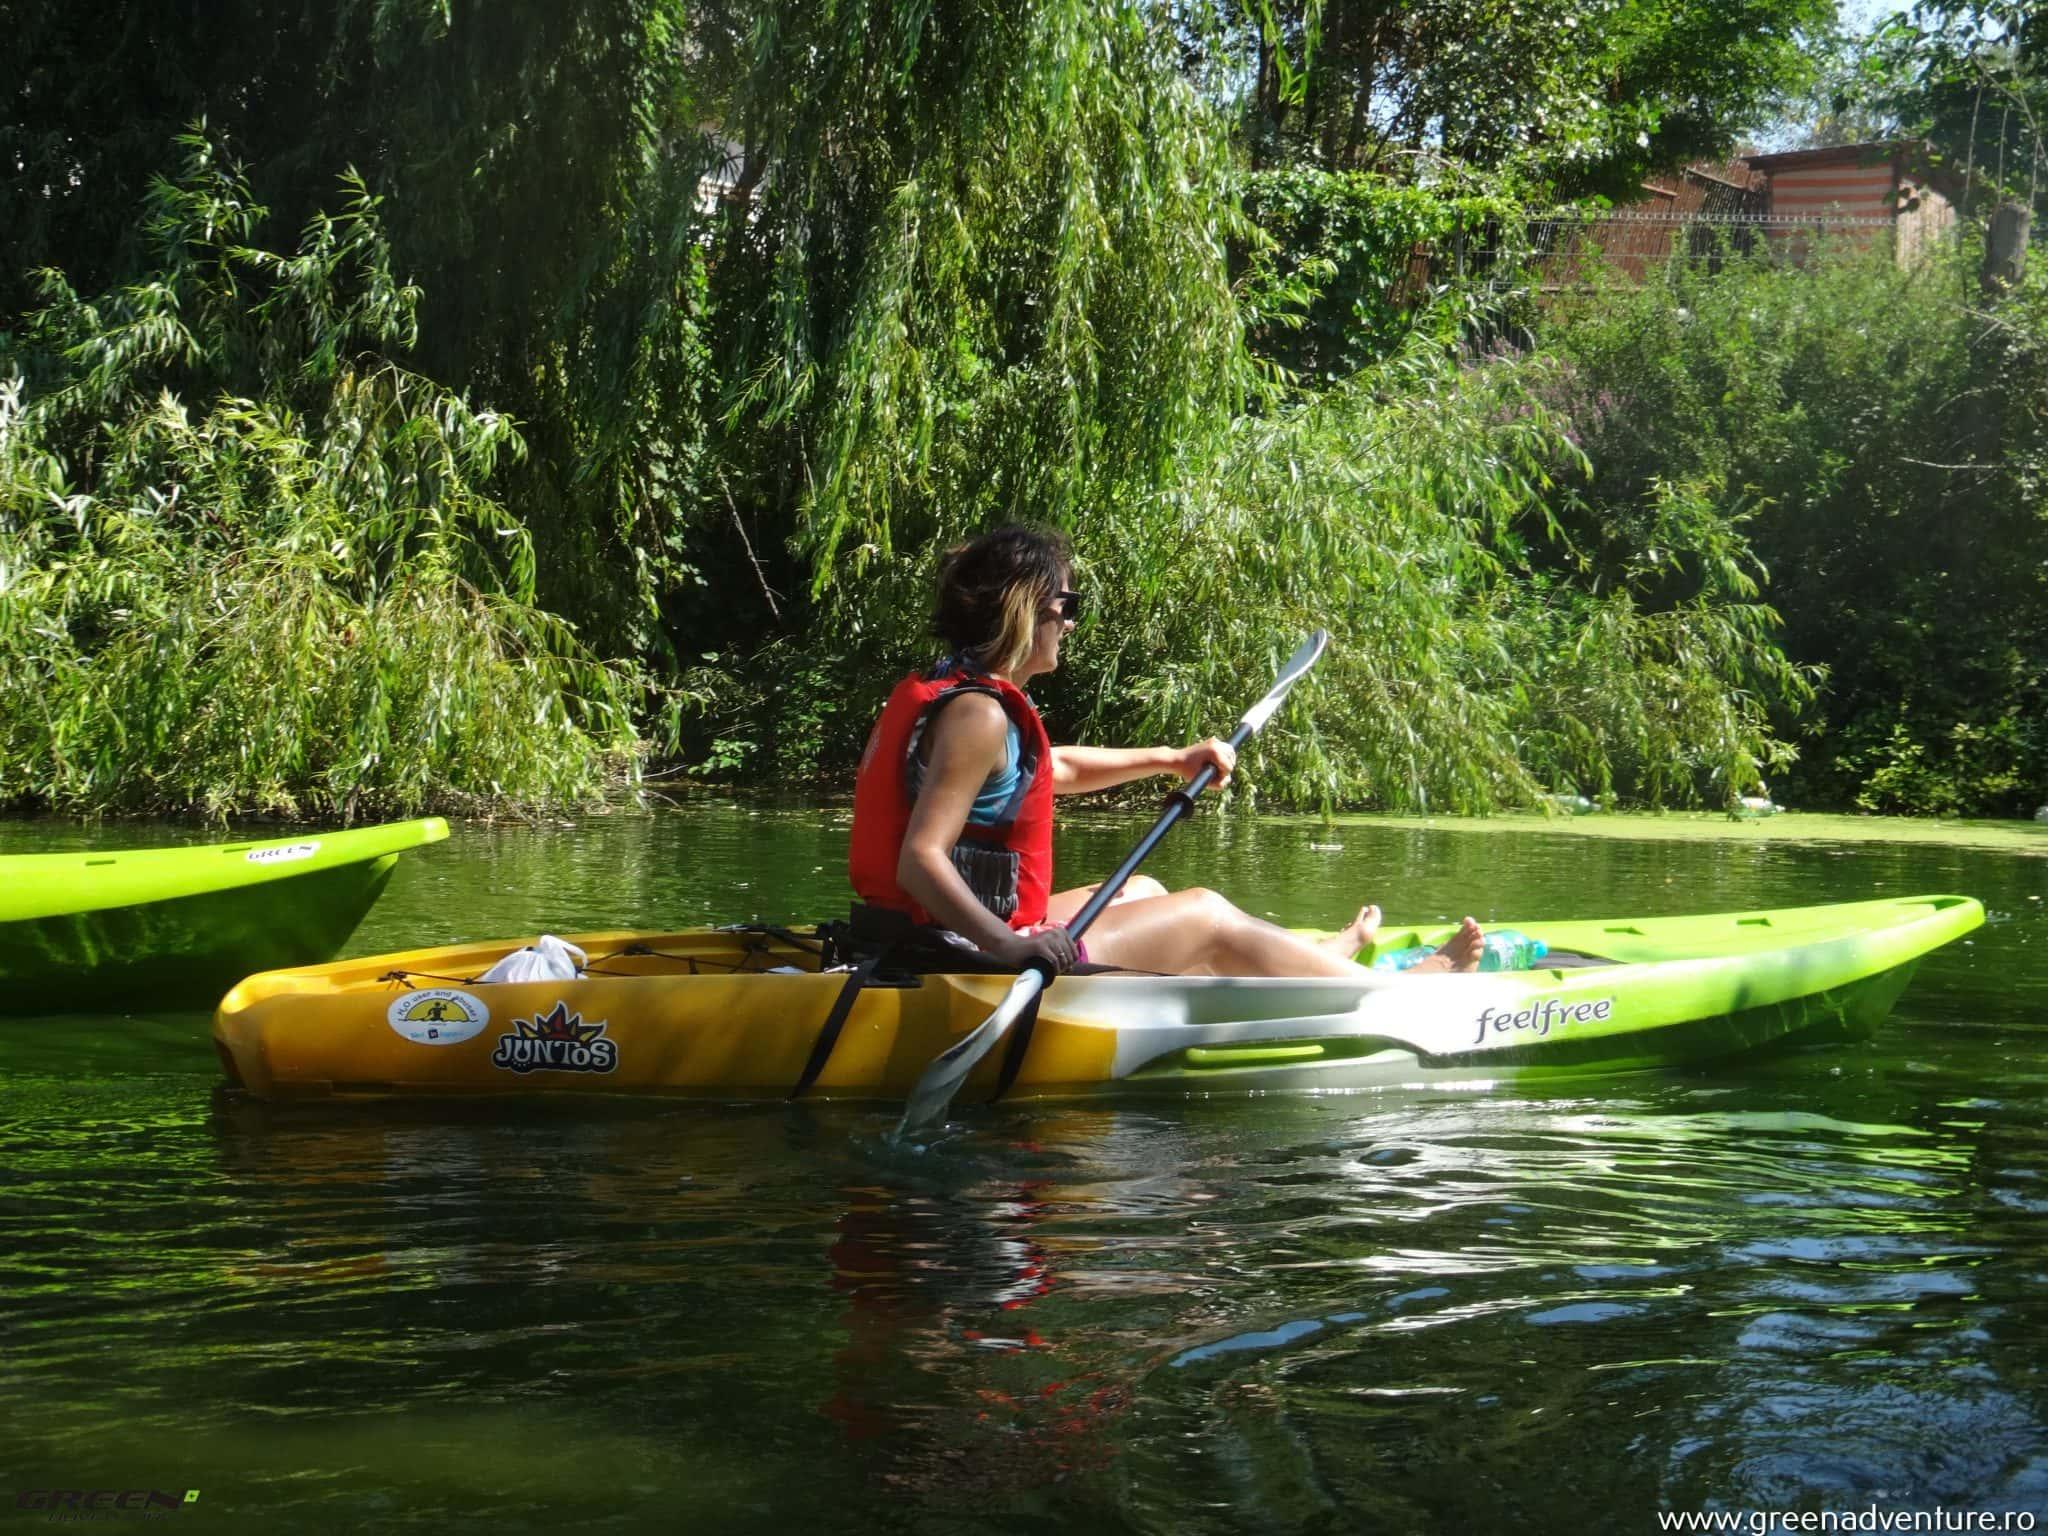 AVENTURĂ. Cu caiacul pe râul Neajlov, lângă București